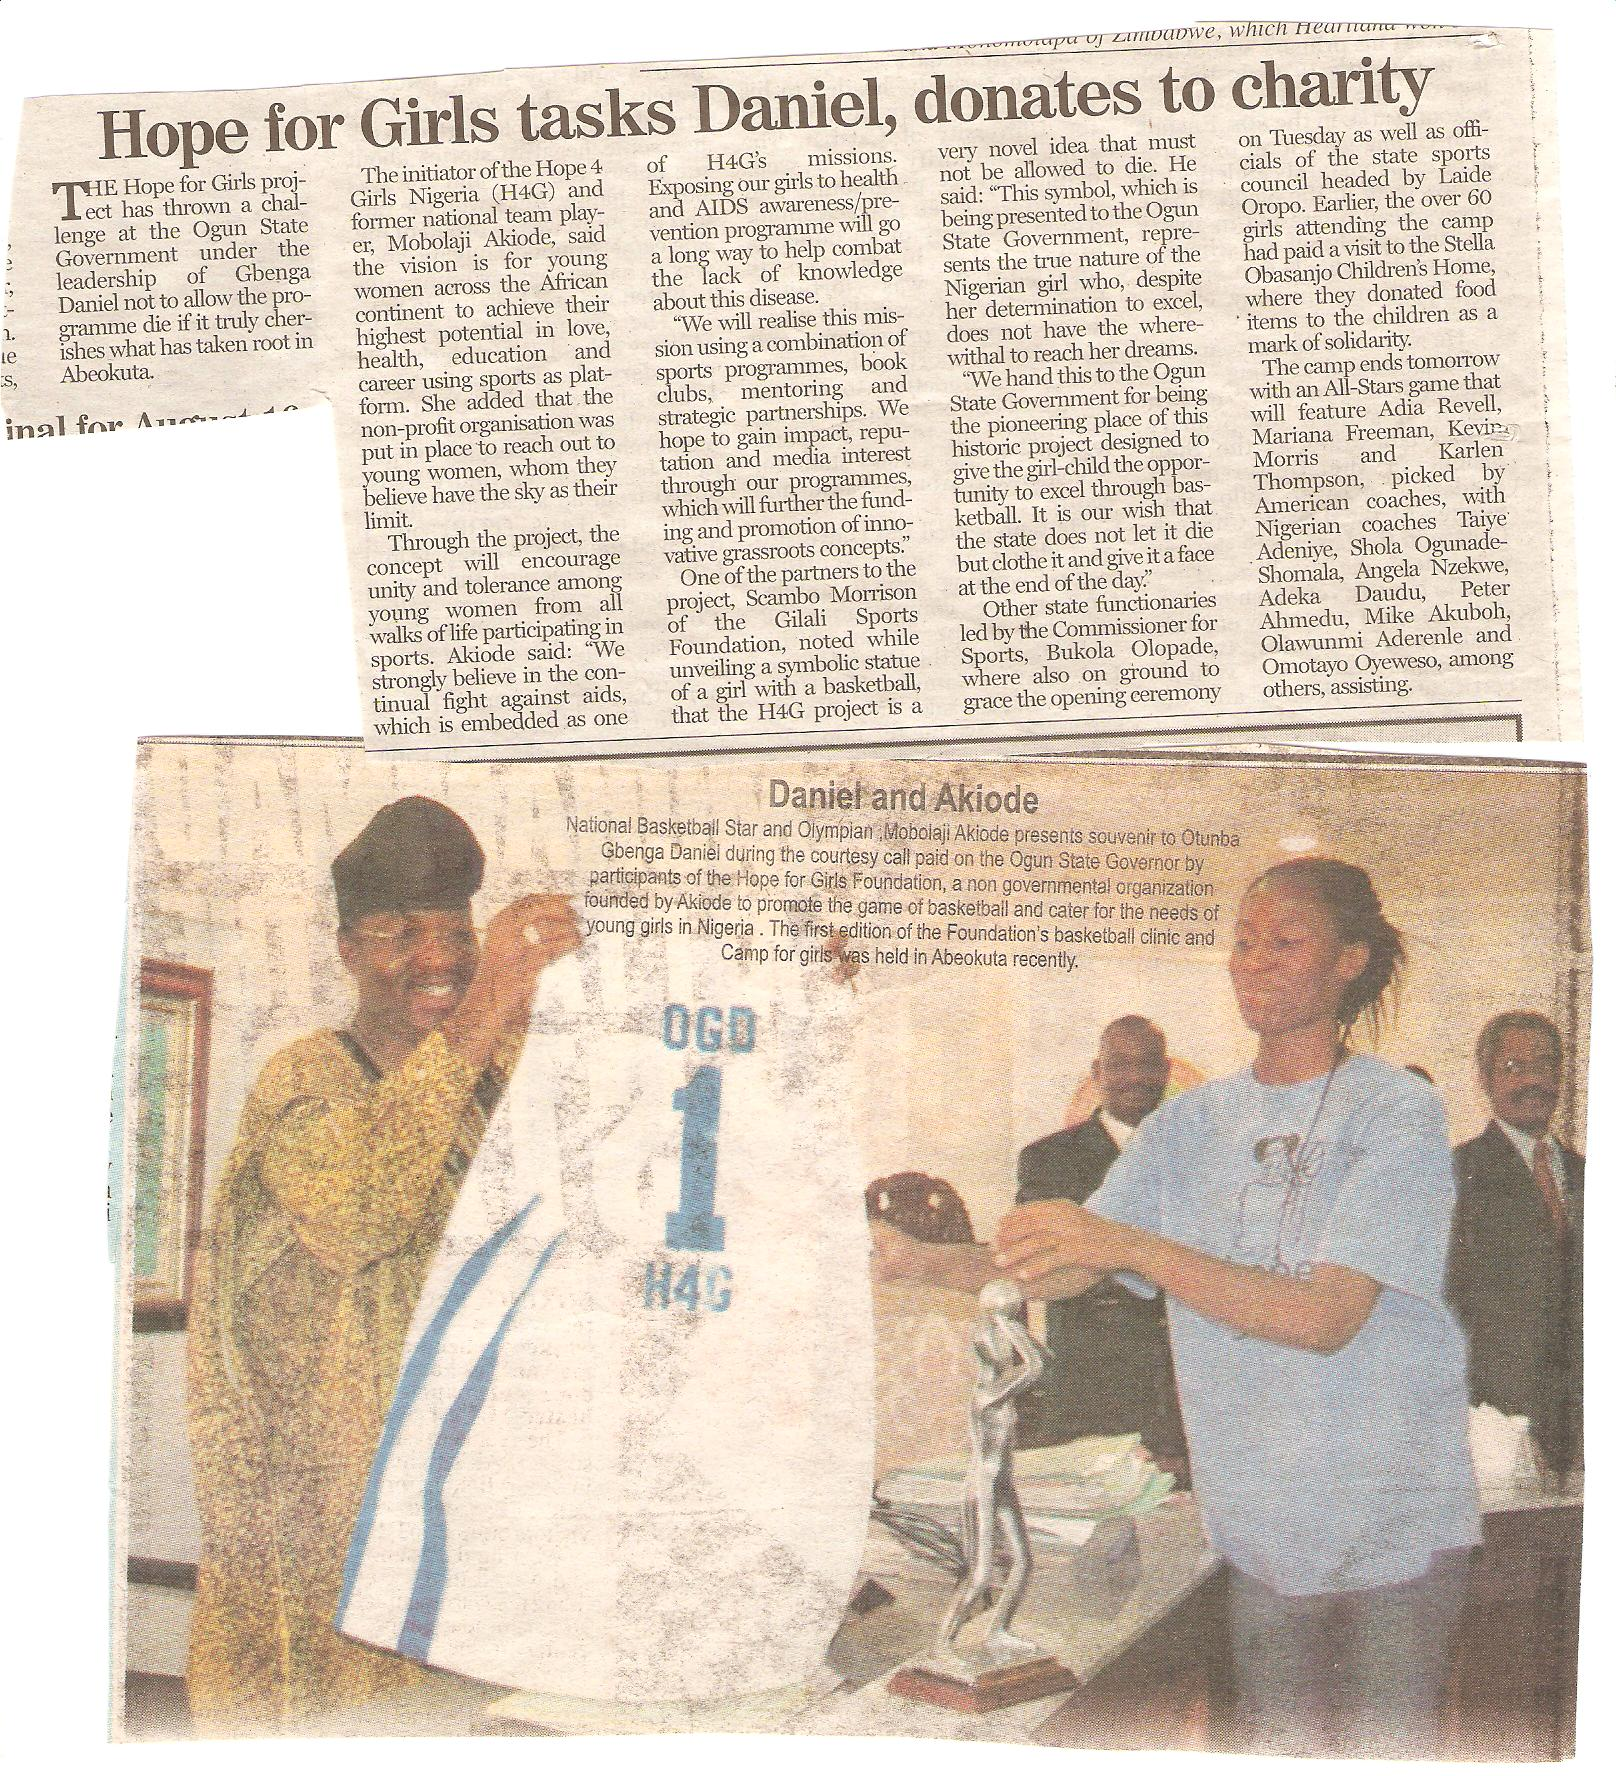 H4G Ogun Article